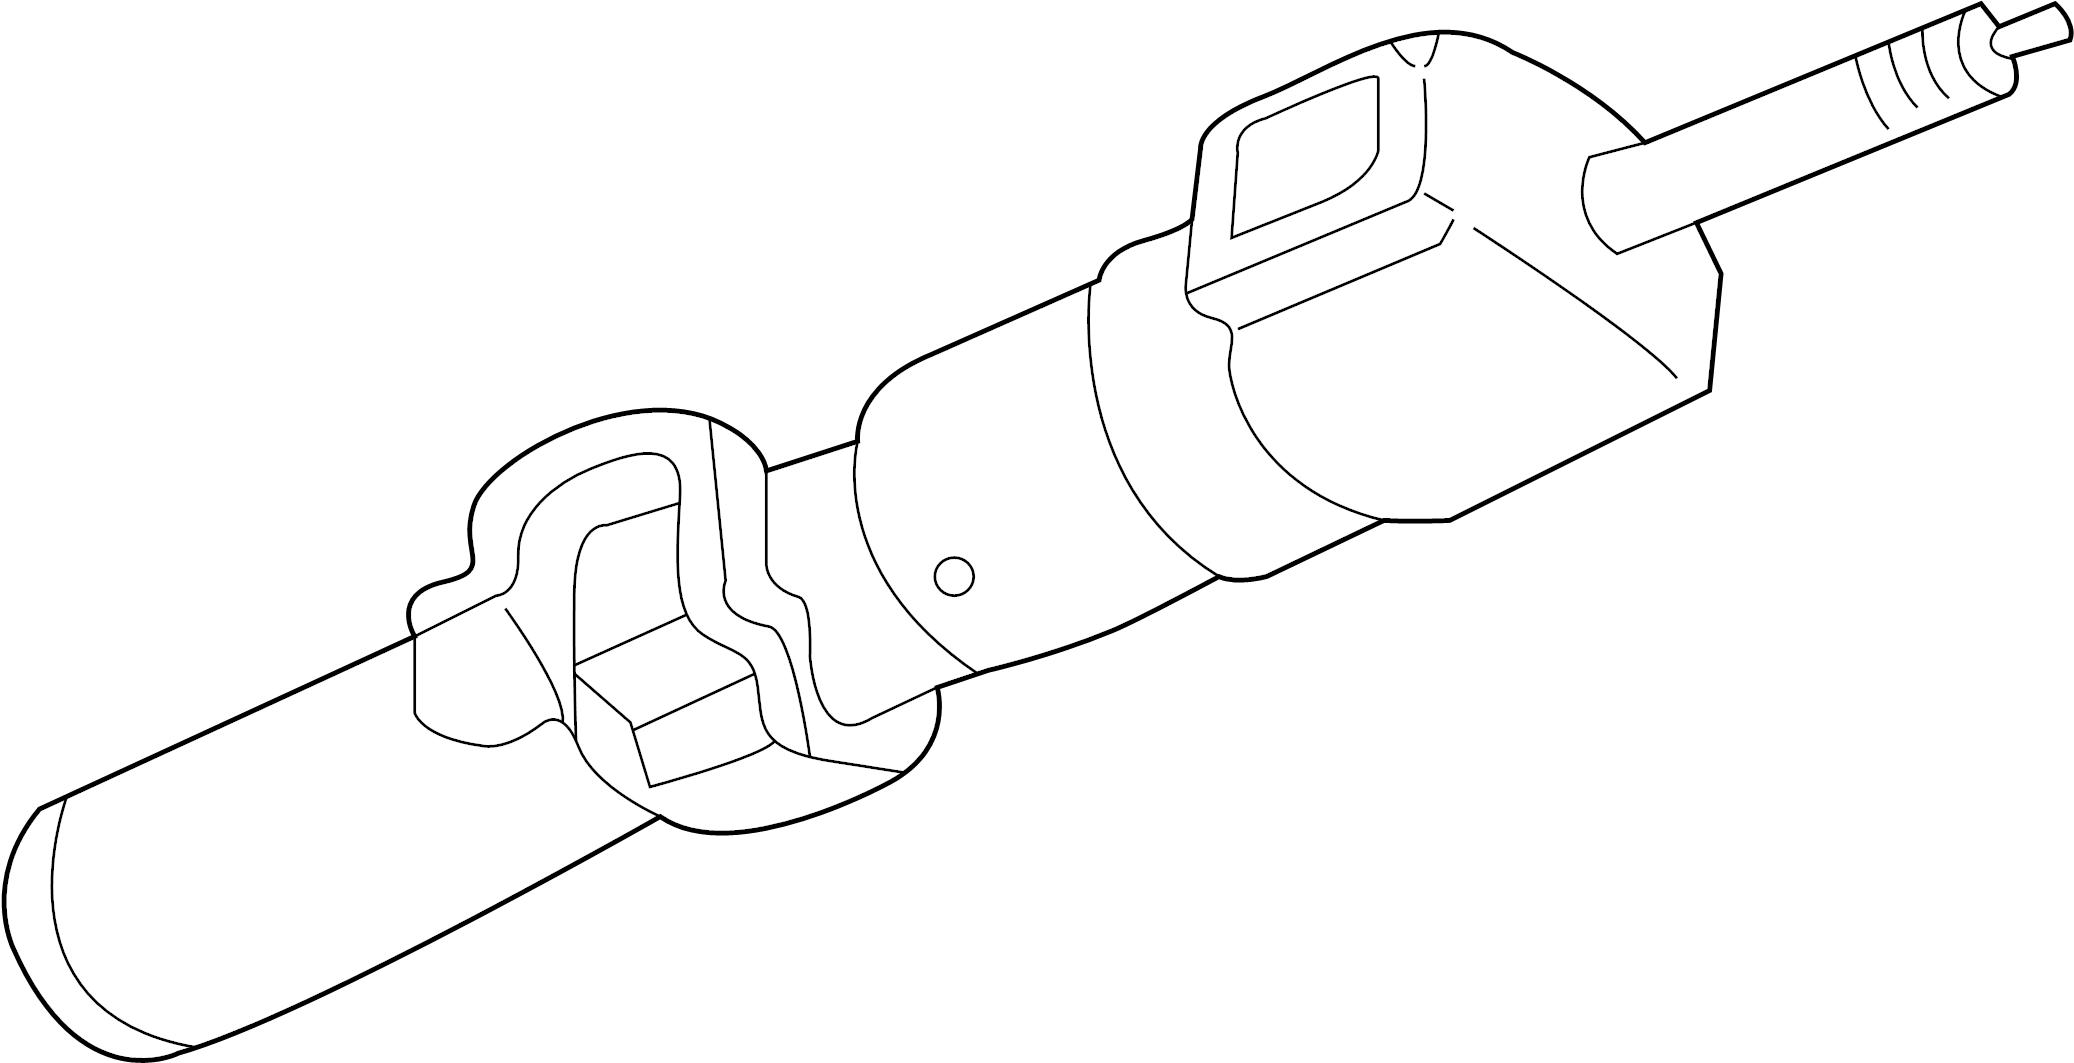 Chevrolet K1500 Suburban Steering Column. Tilt, WHEEL, Bag